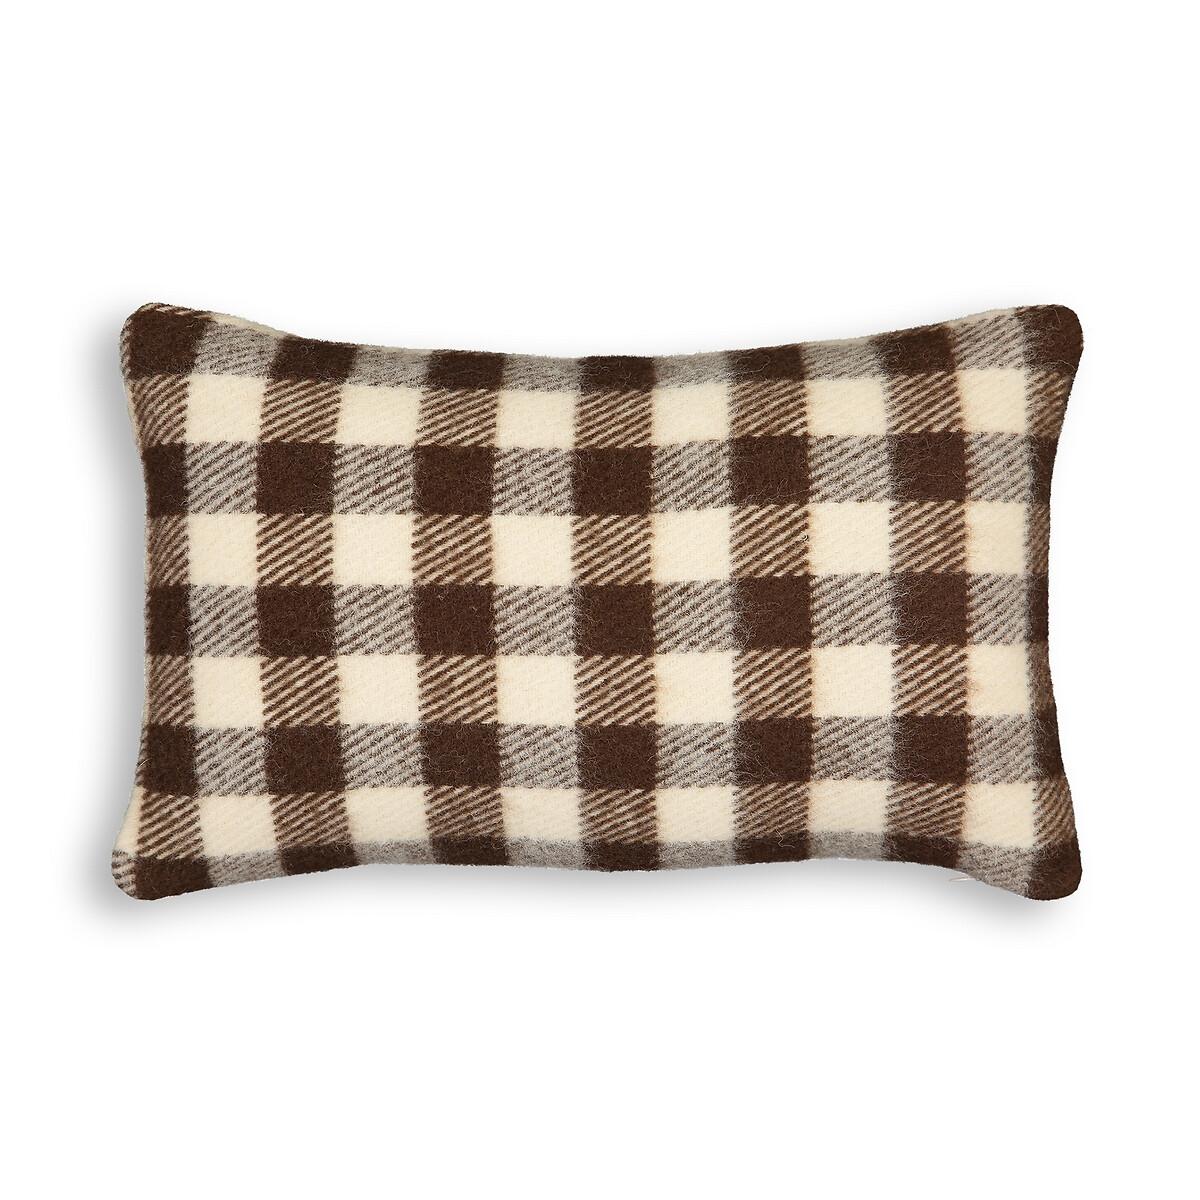 Чехол LaRedoute На подушку из шерсти Alpy 50 x 30 см каштановый